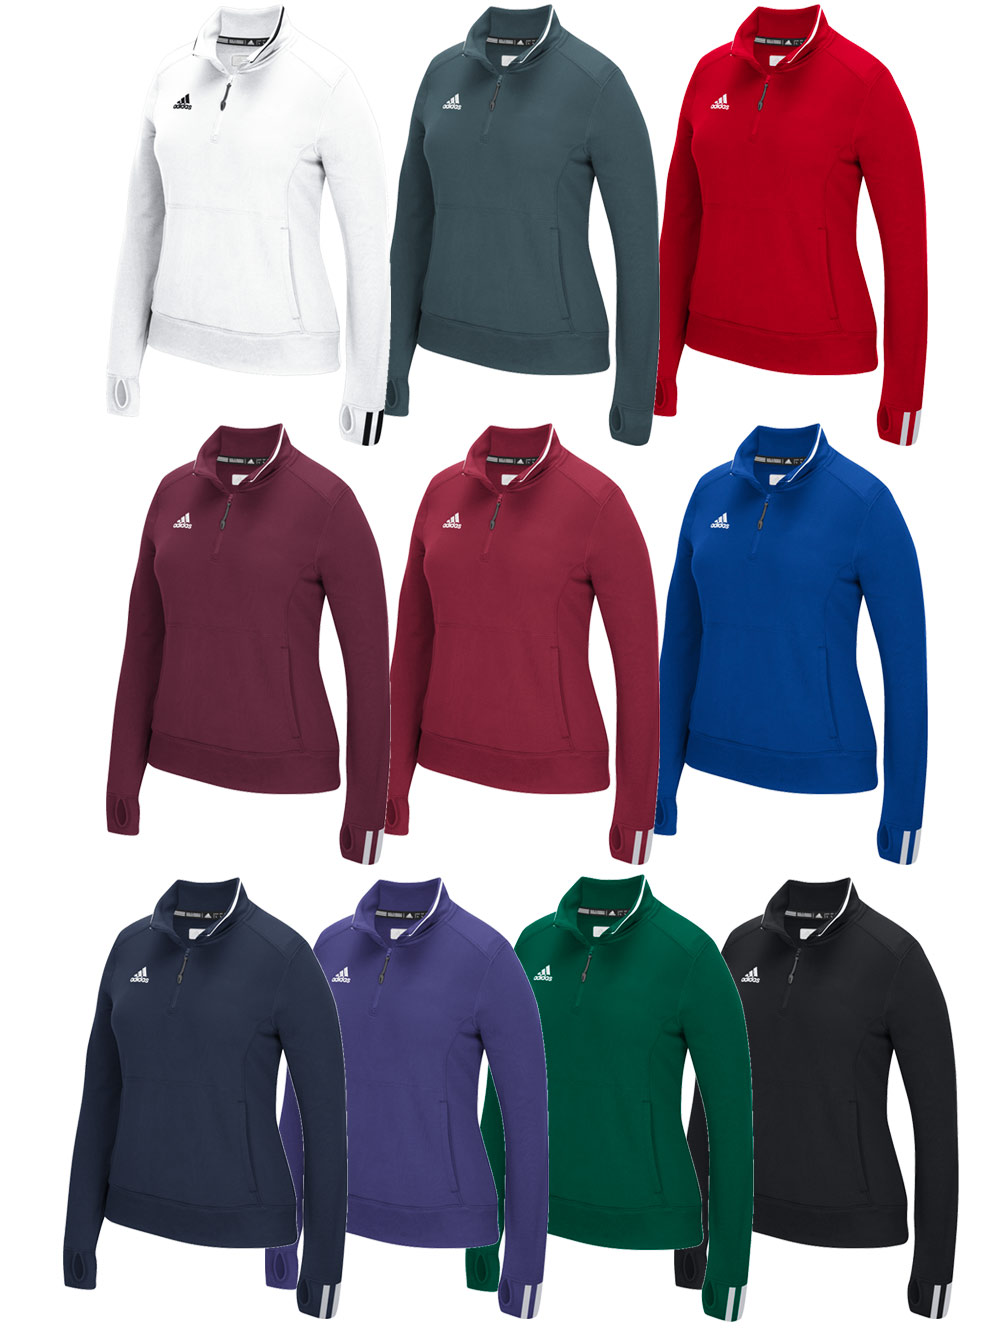 adidas 1/4 zip fleece